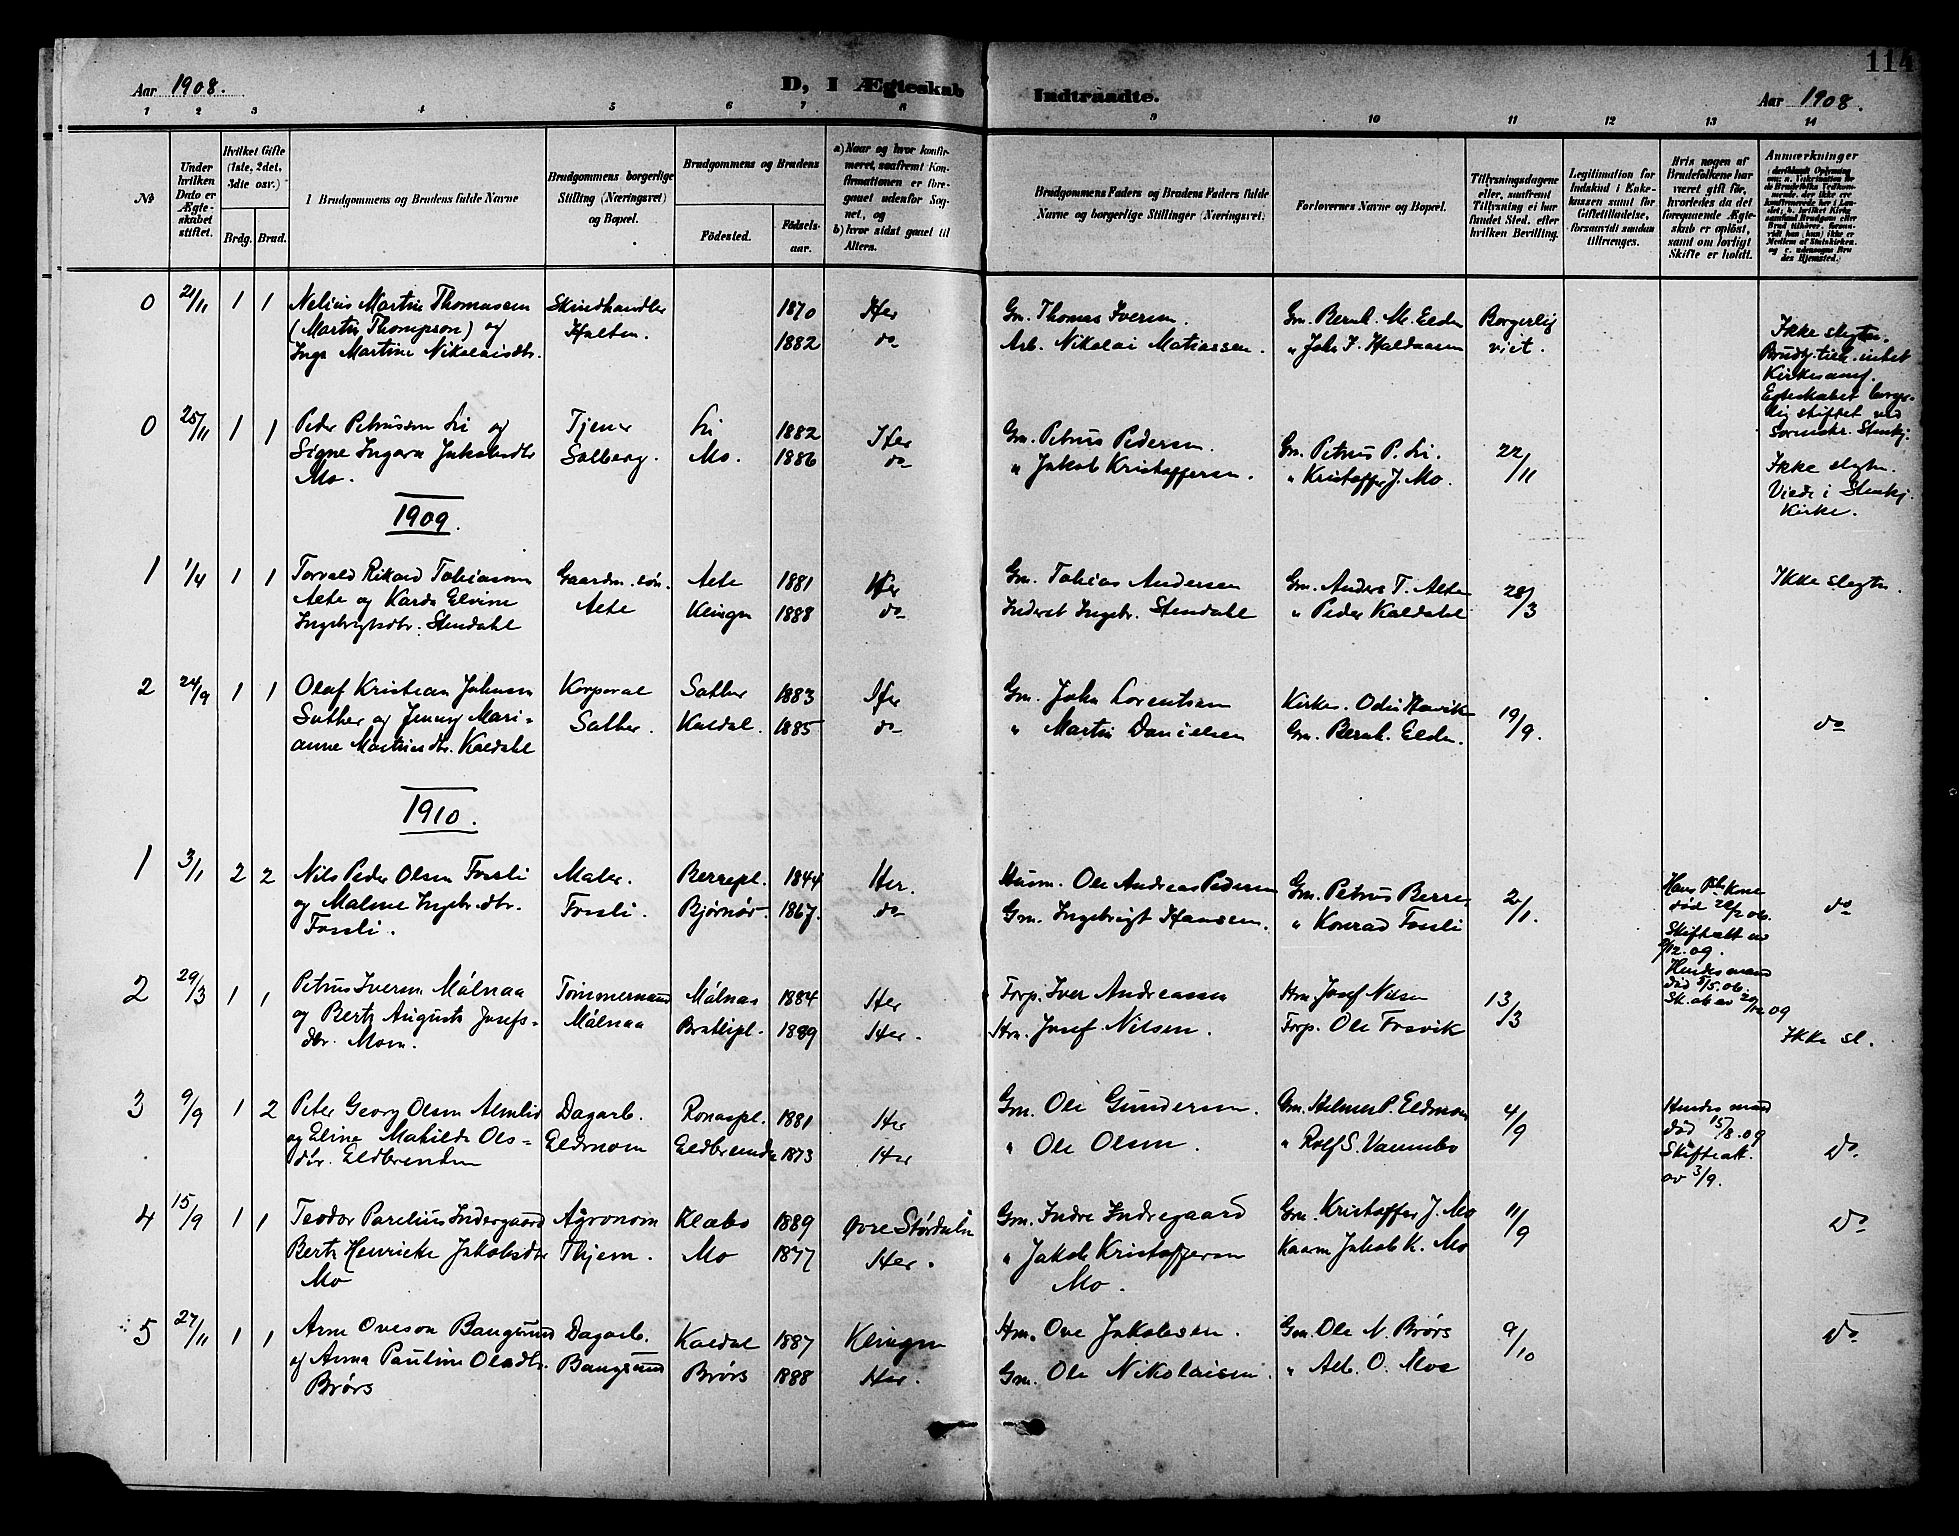 SAT, Ministerialprotokoller, klokkerbøker og fødselsregistre - Nord-Trøndelag, 742/L0412: Klokkerbok nr. 742C03, 1898-1910, s. 114